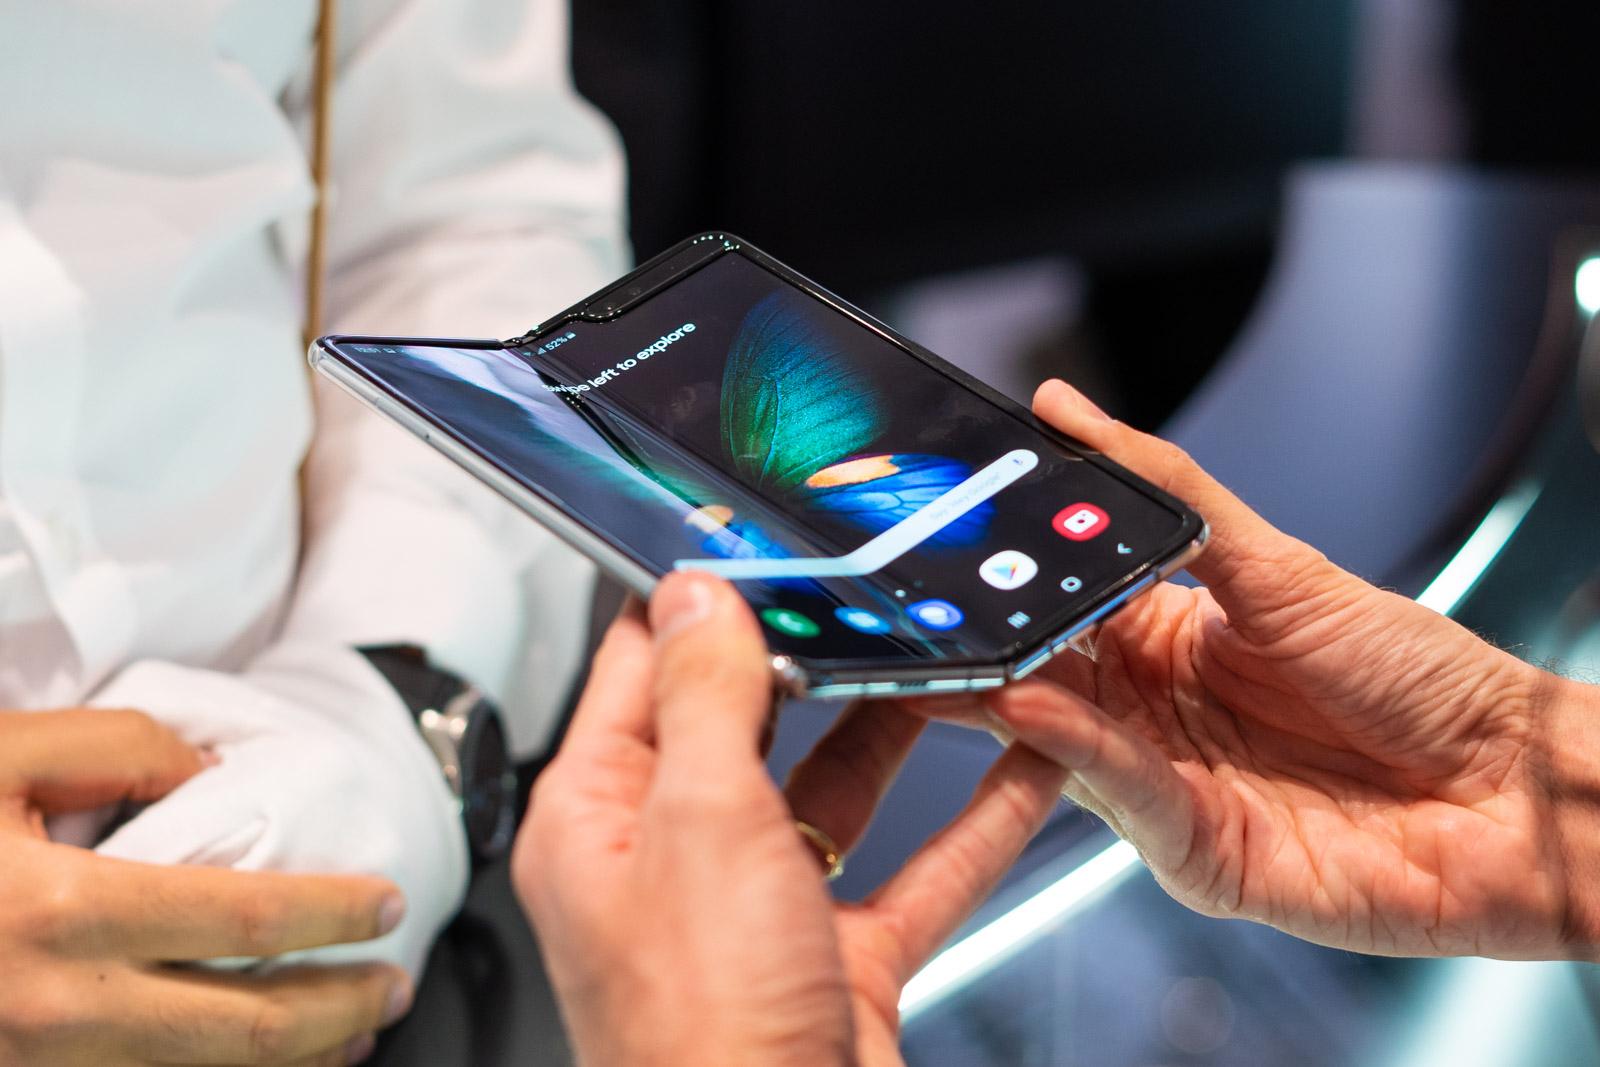 Samsung Galaxy Fold  harpidetza egiteko T-Mobile, Plus, Orange eta Play-n. Eskaintza guztiak bildu ditugu